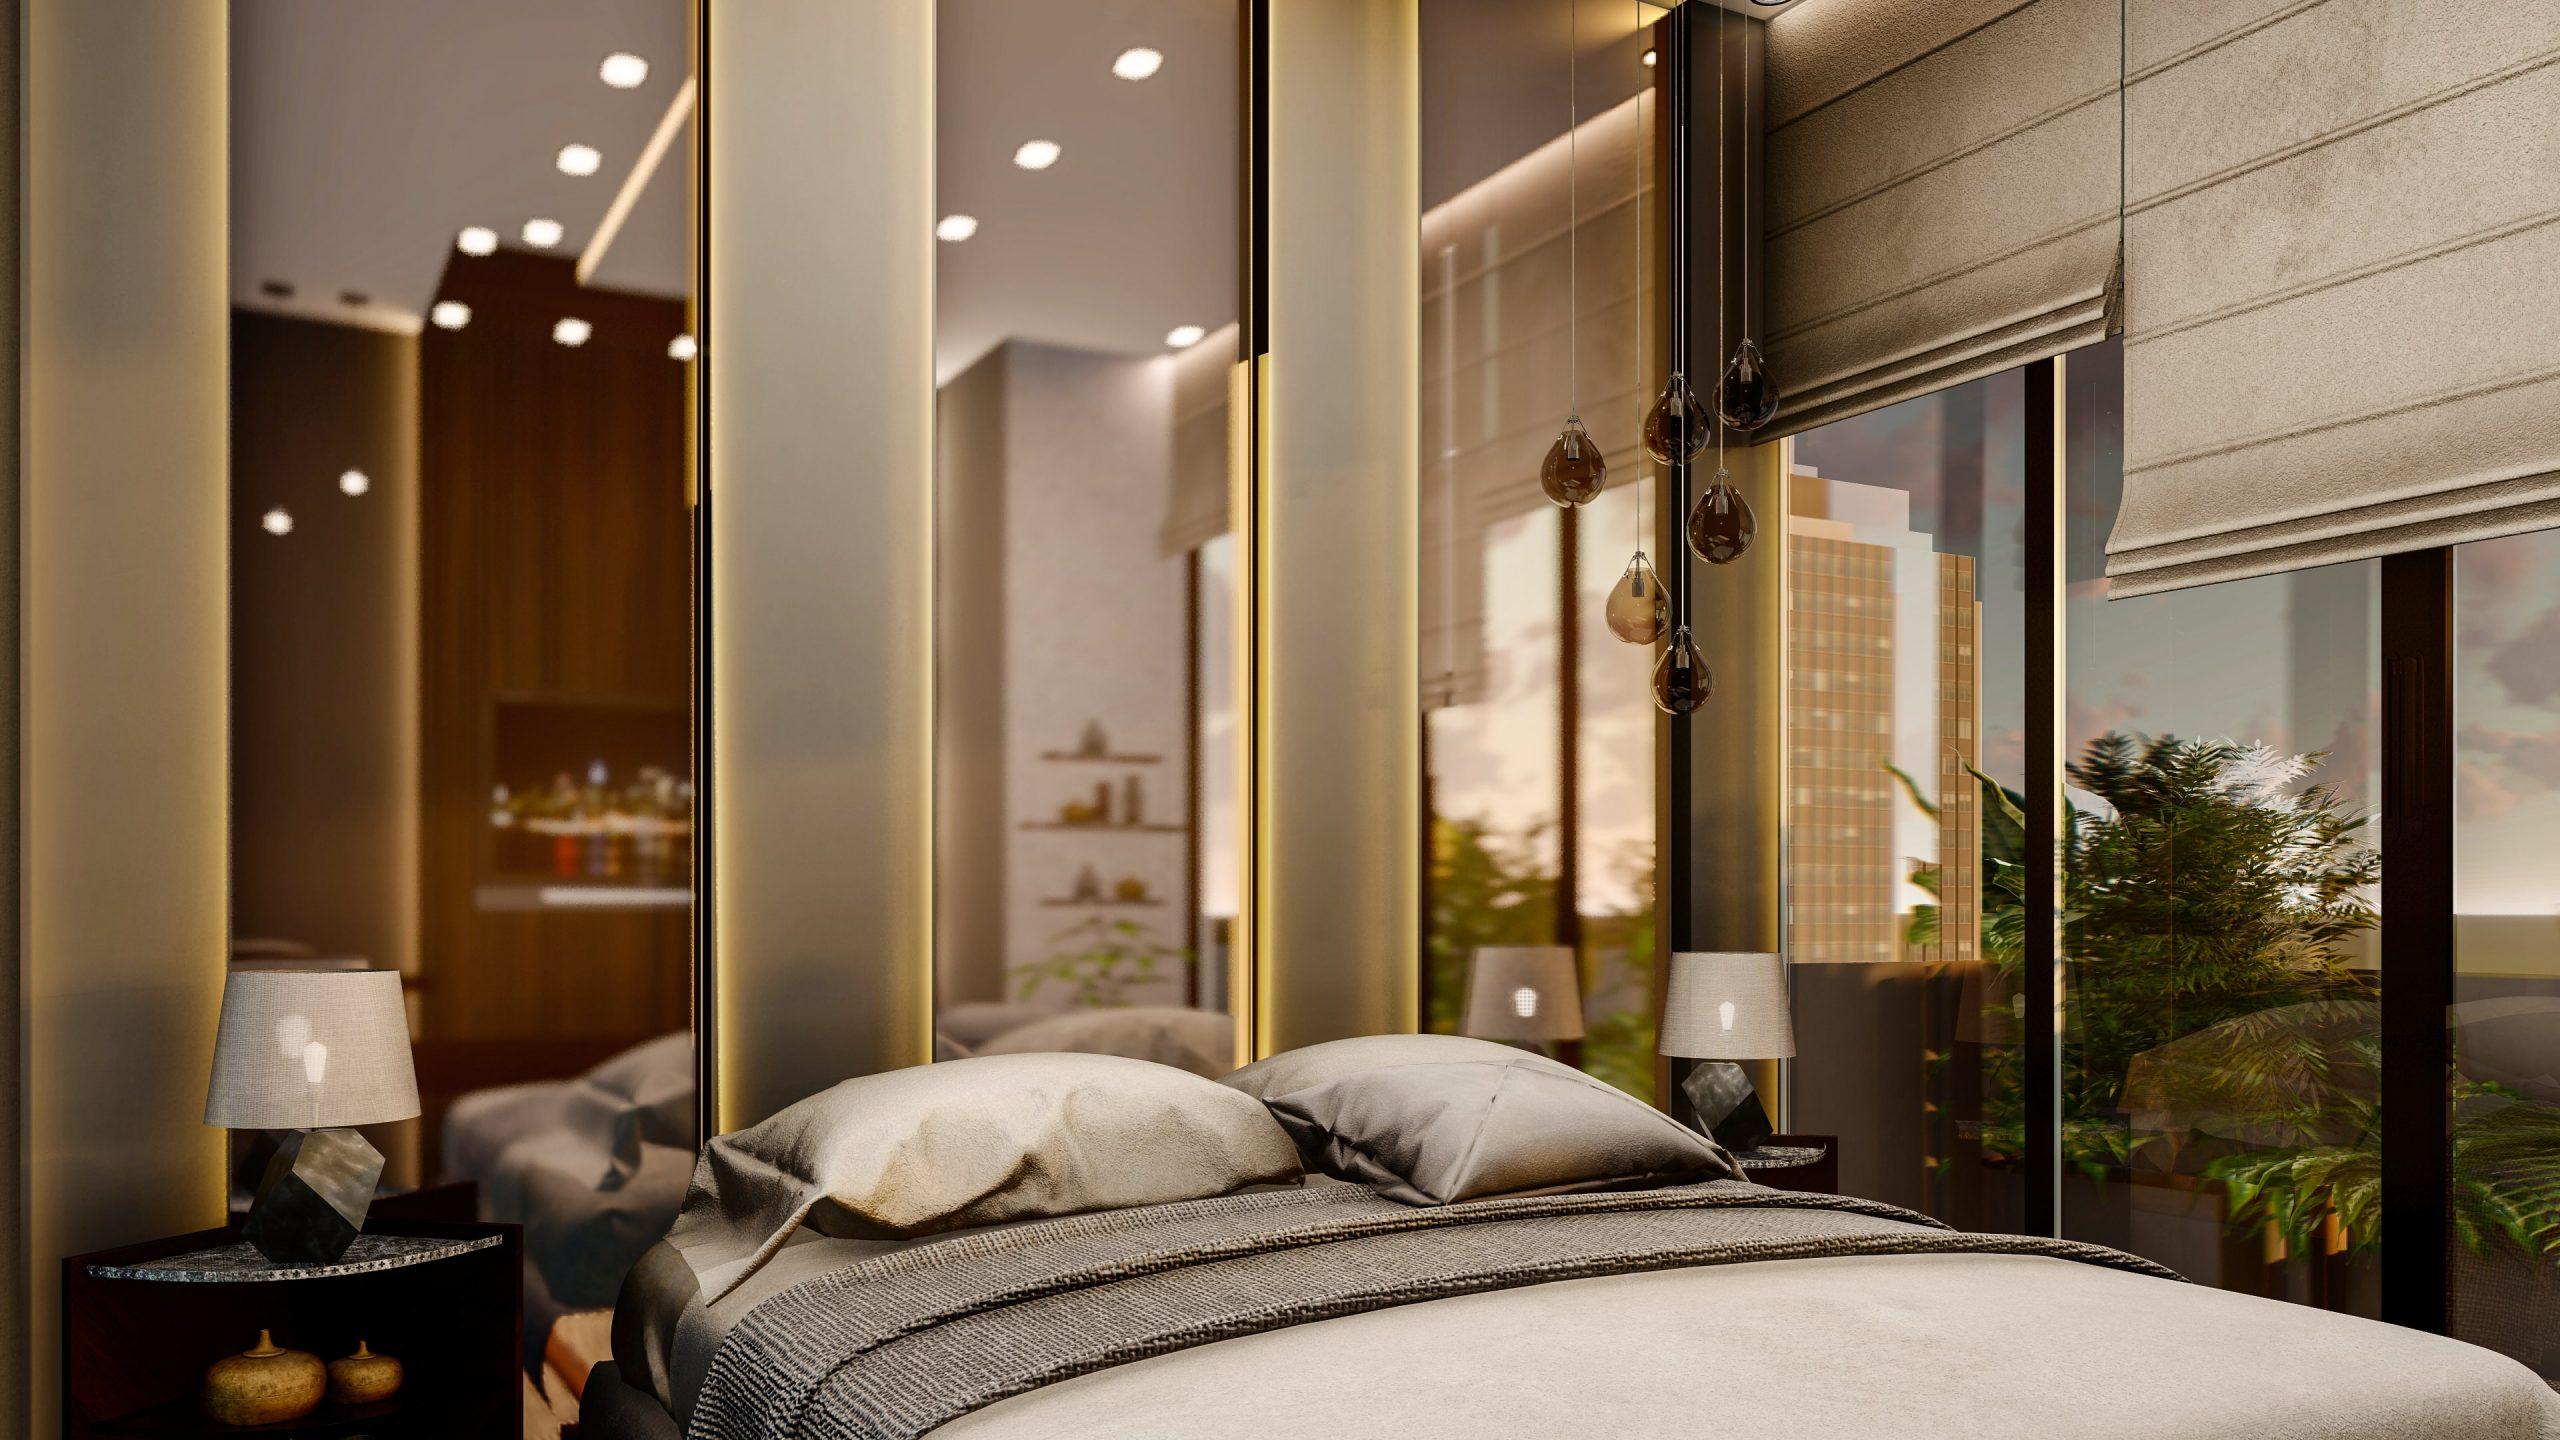 H&S HOTELS BEDROOM